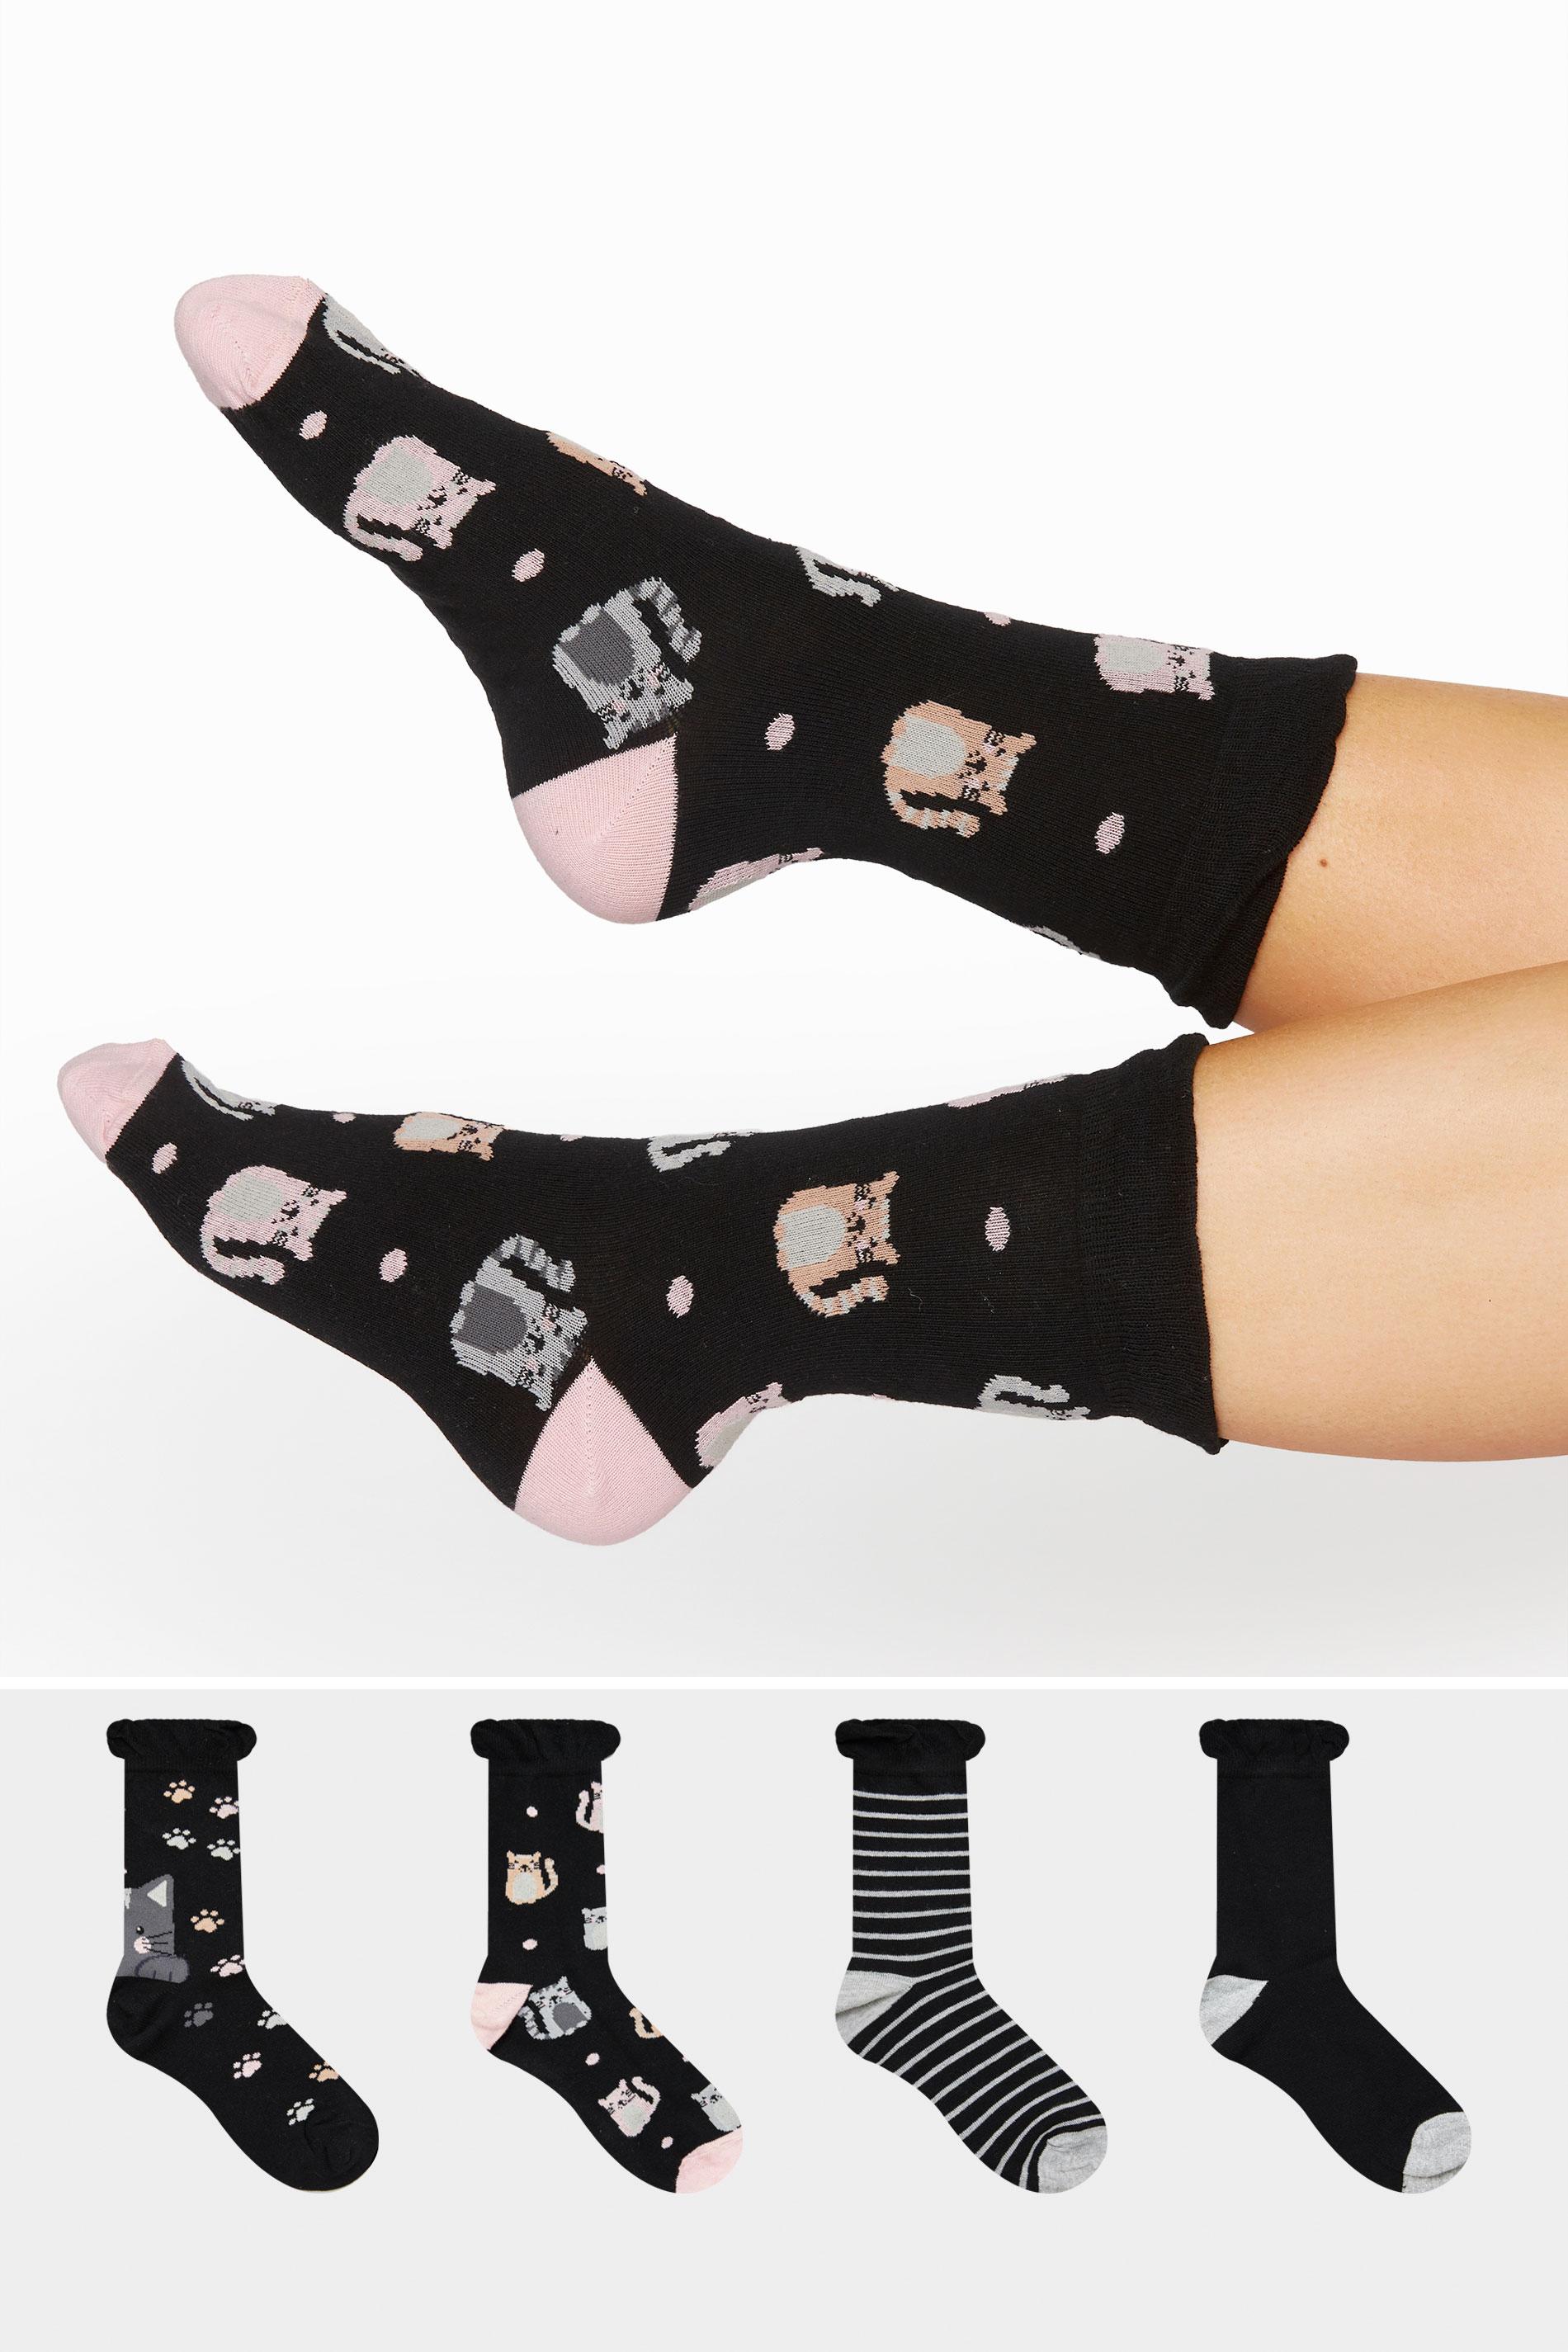 4 PACK Black Cat Ankle Socks